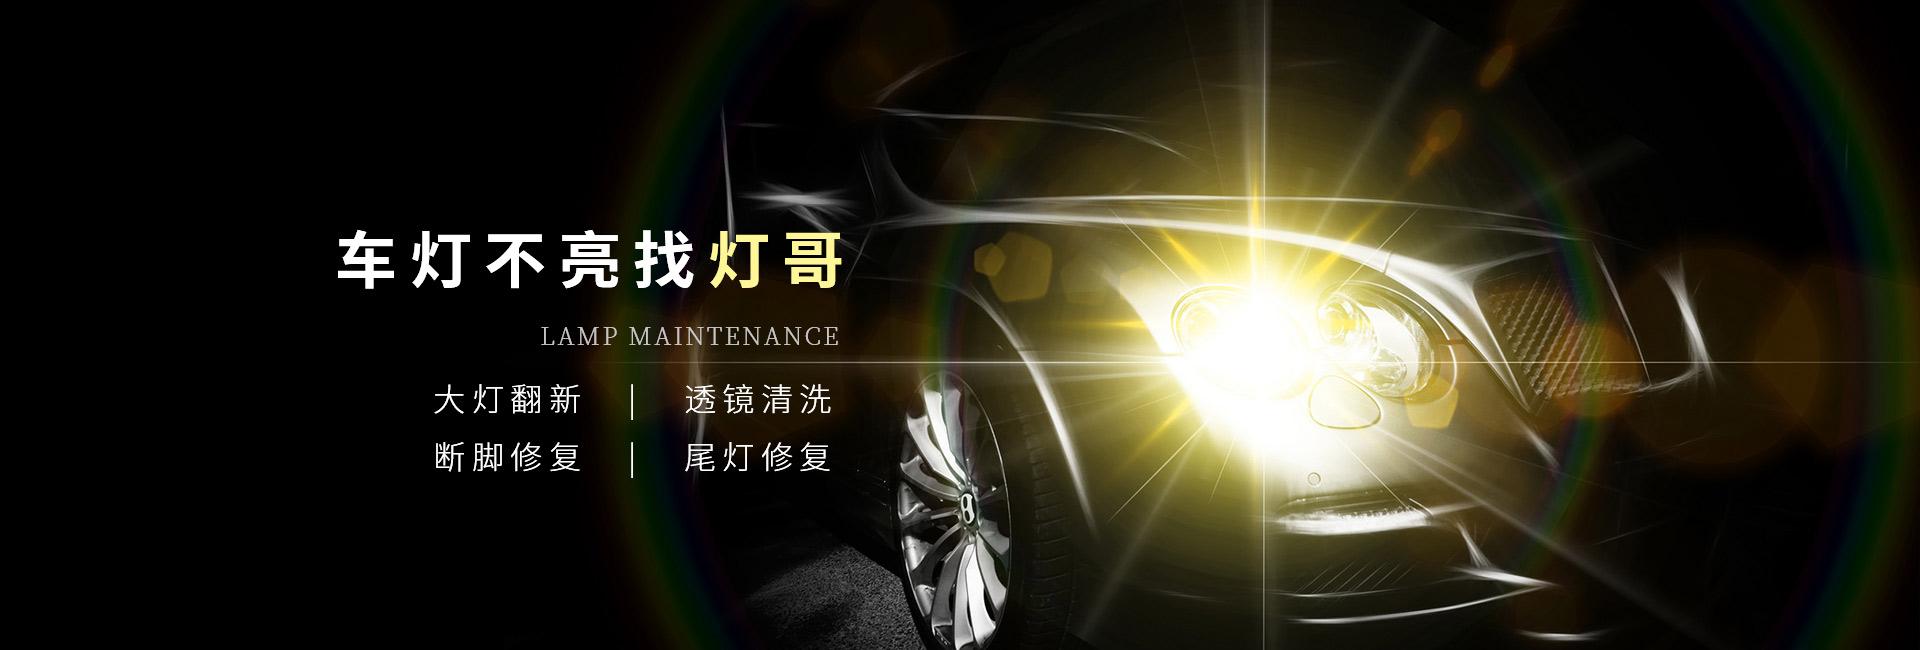 重庆车灯升级